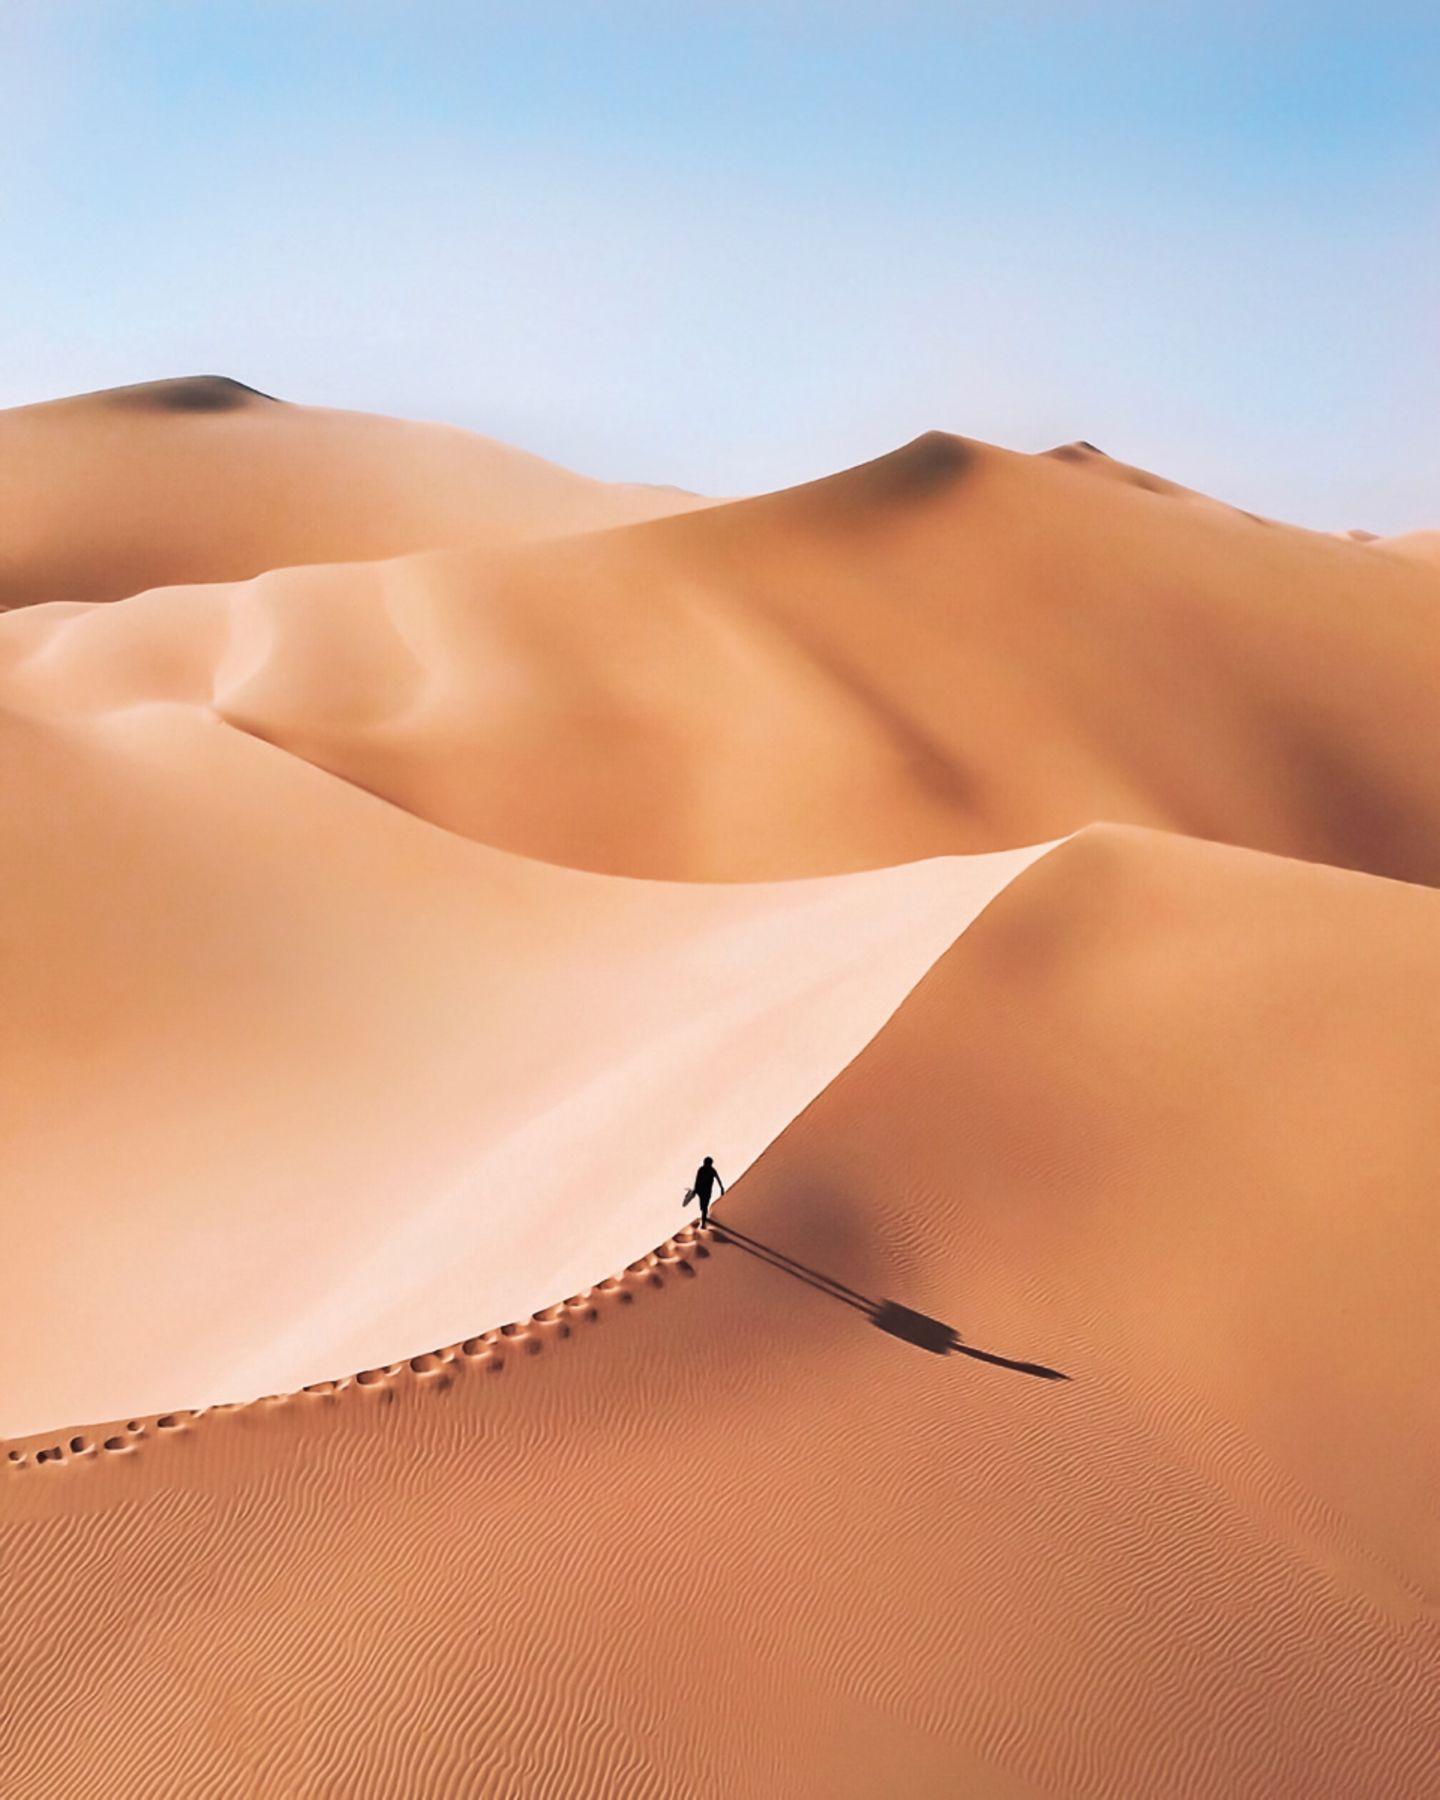 Wüste, Vereinigte Arabische Emirate